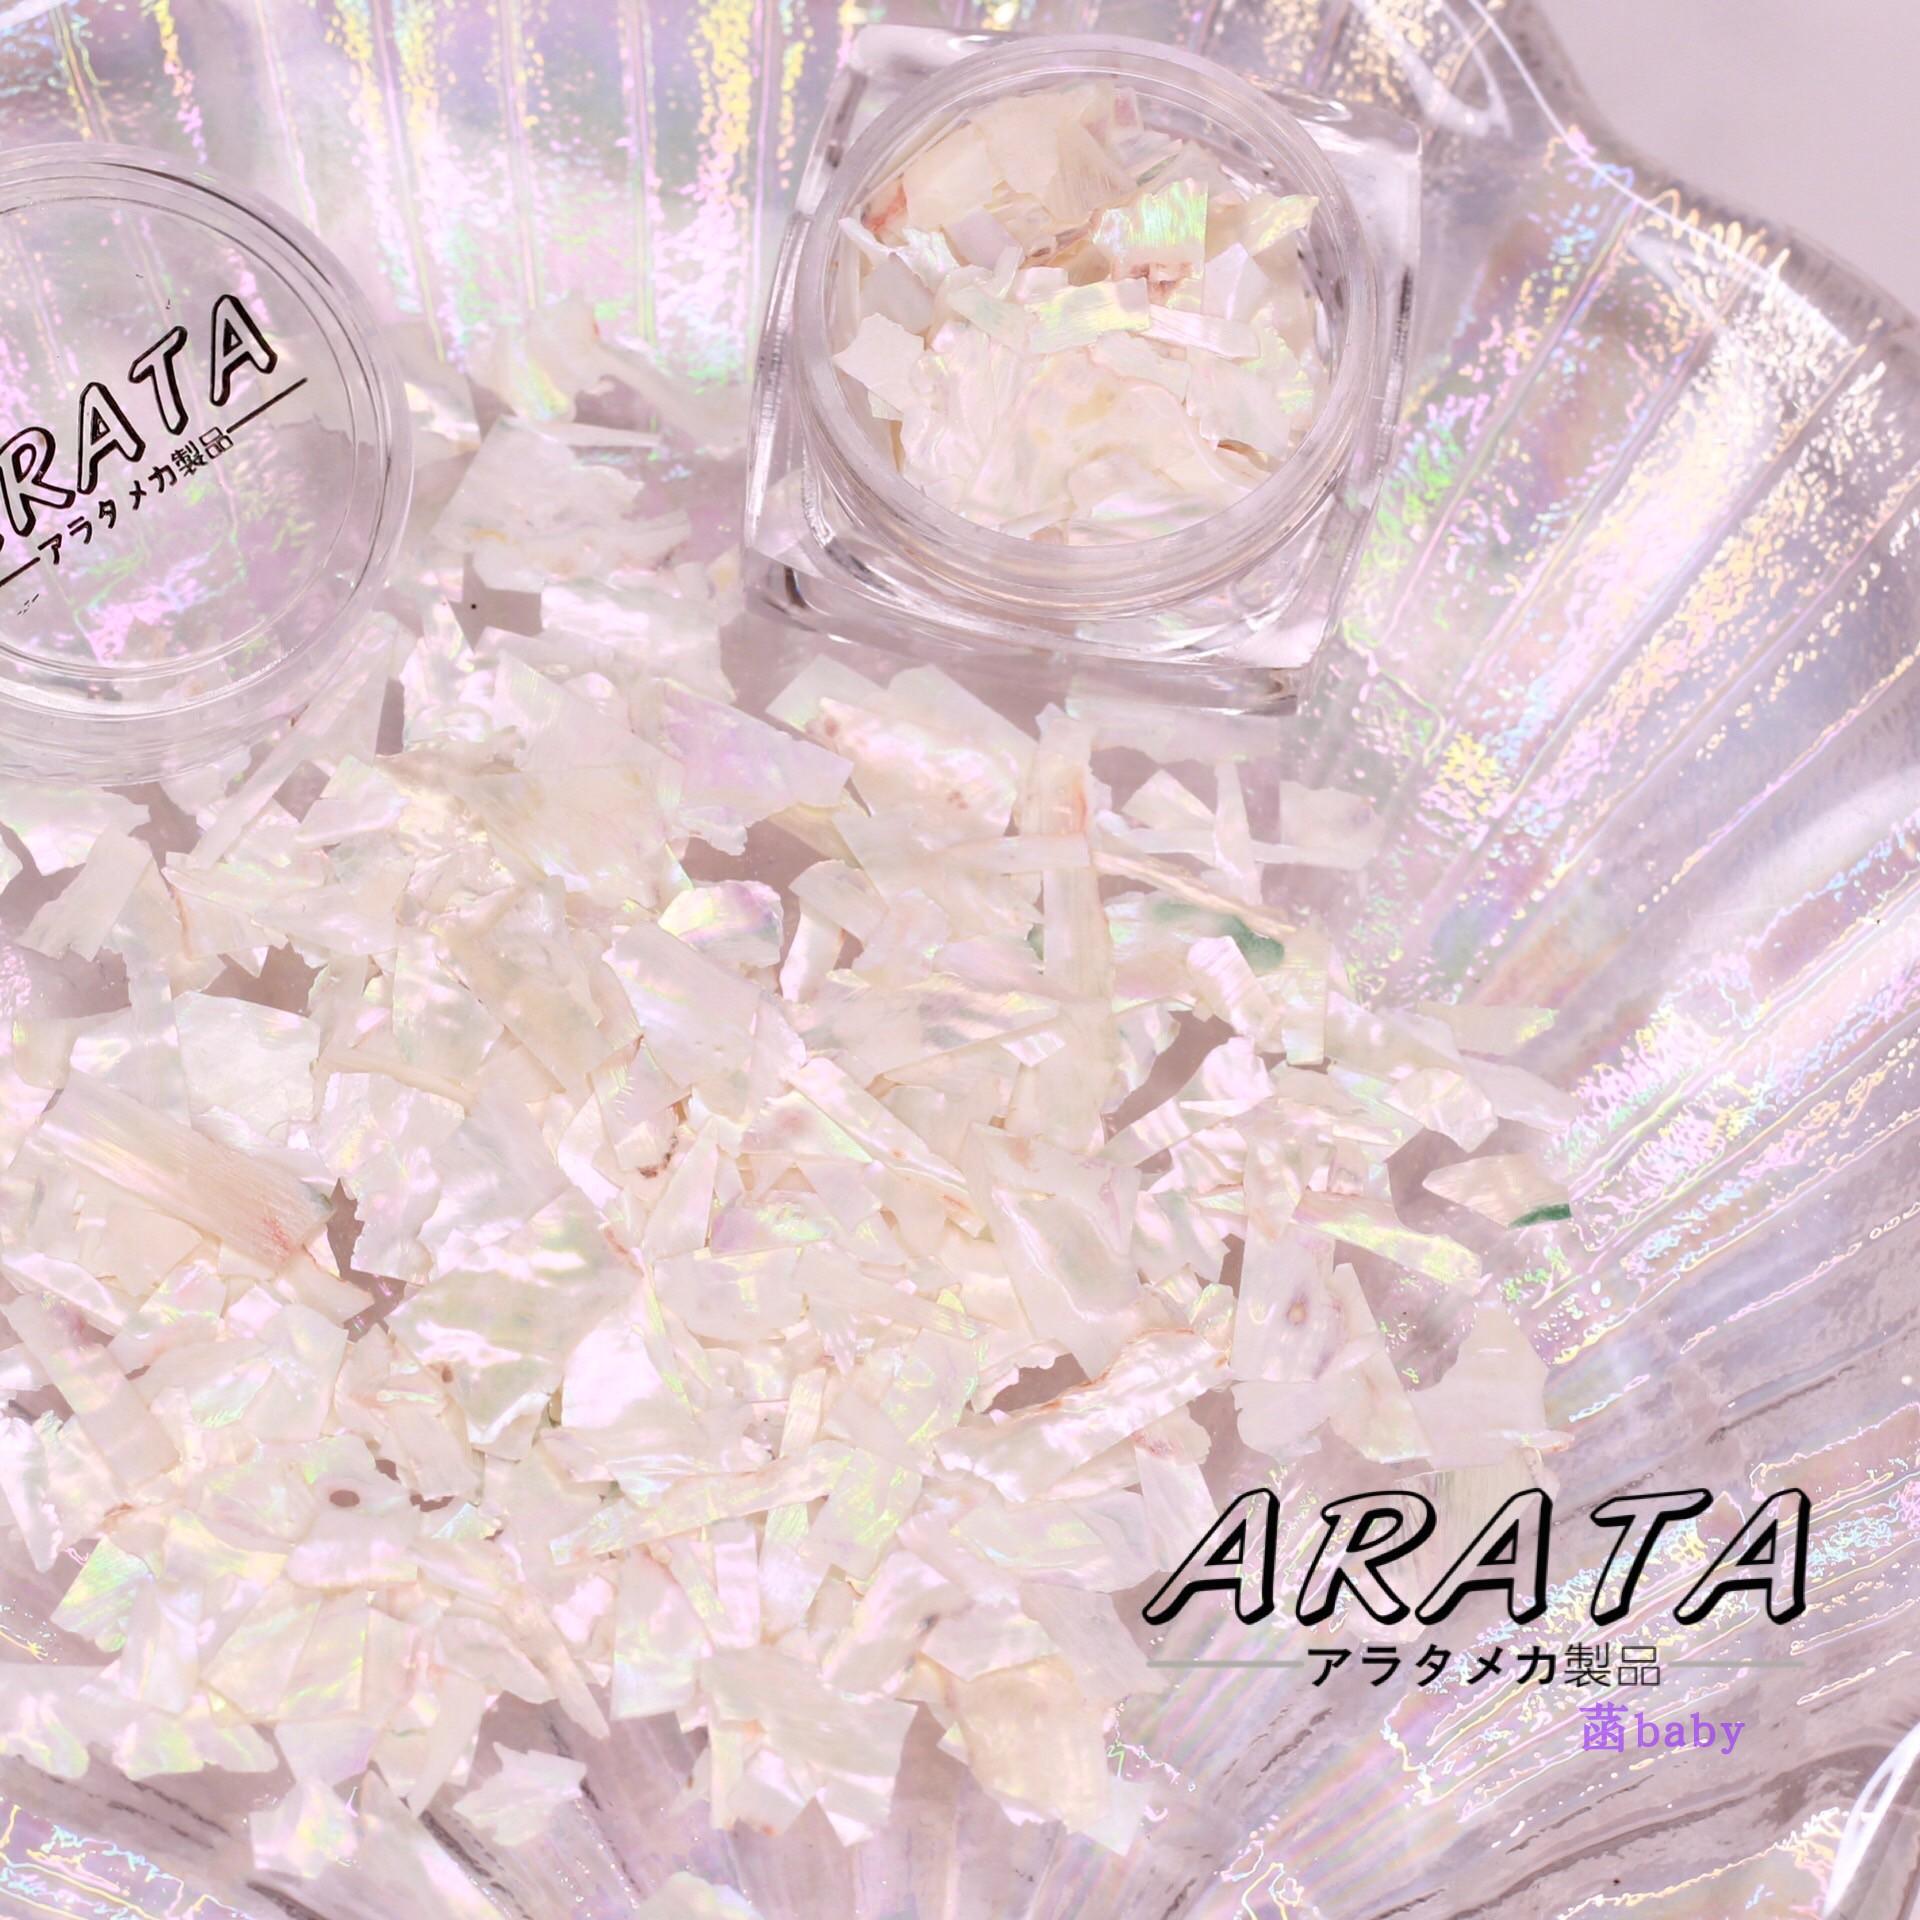 日式 ARATA 美甲饰品海洋贝壳纸超薄贝壳碎片贝壳粉不规则鲍鱼片满9.00元可用1元优惠券